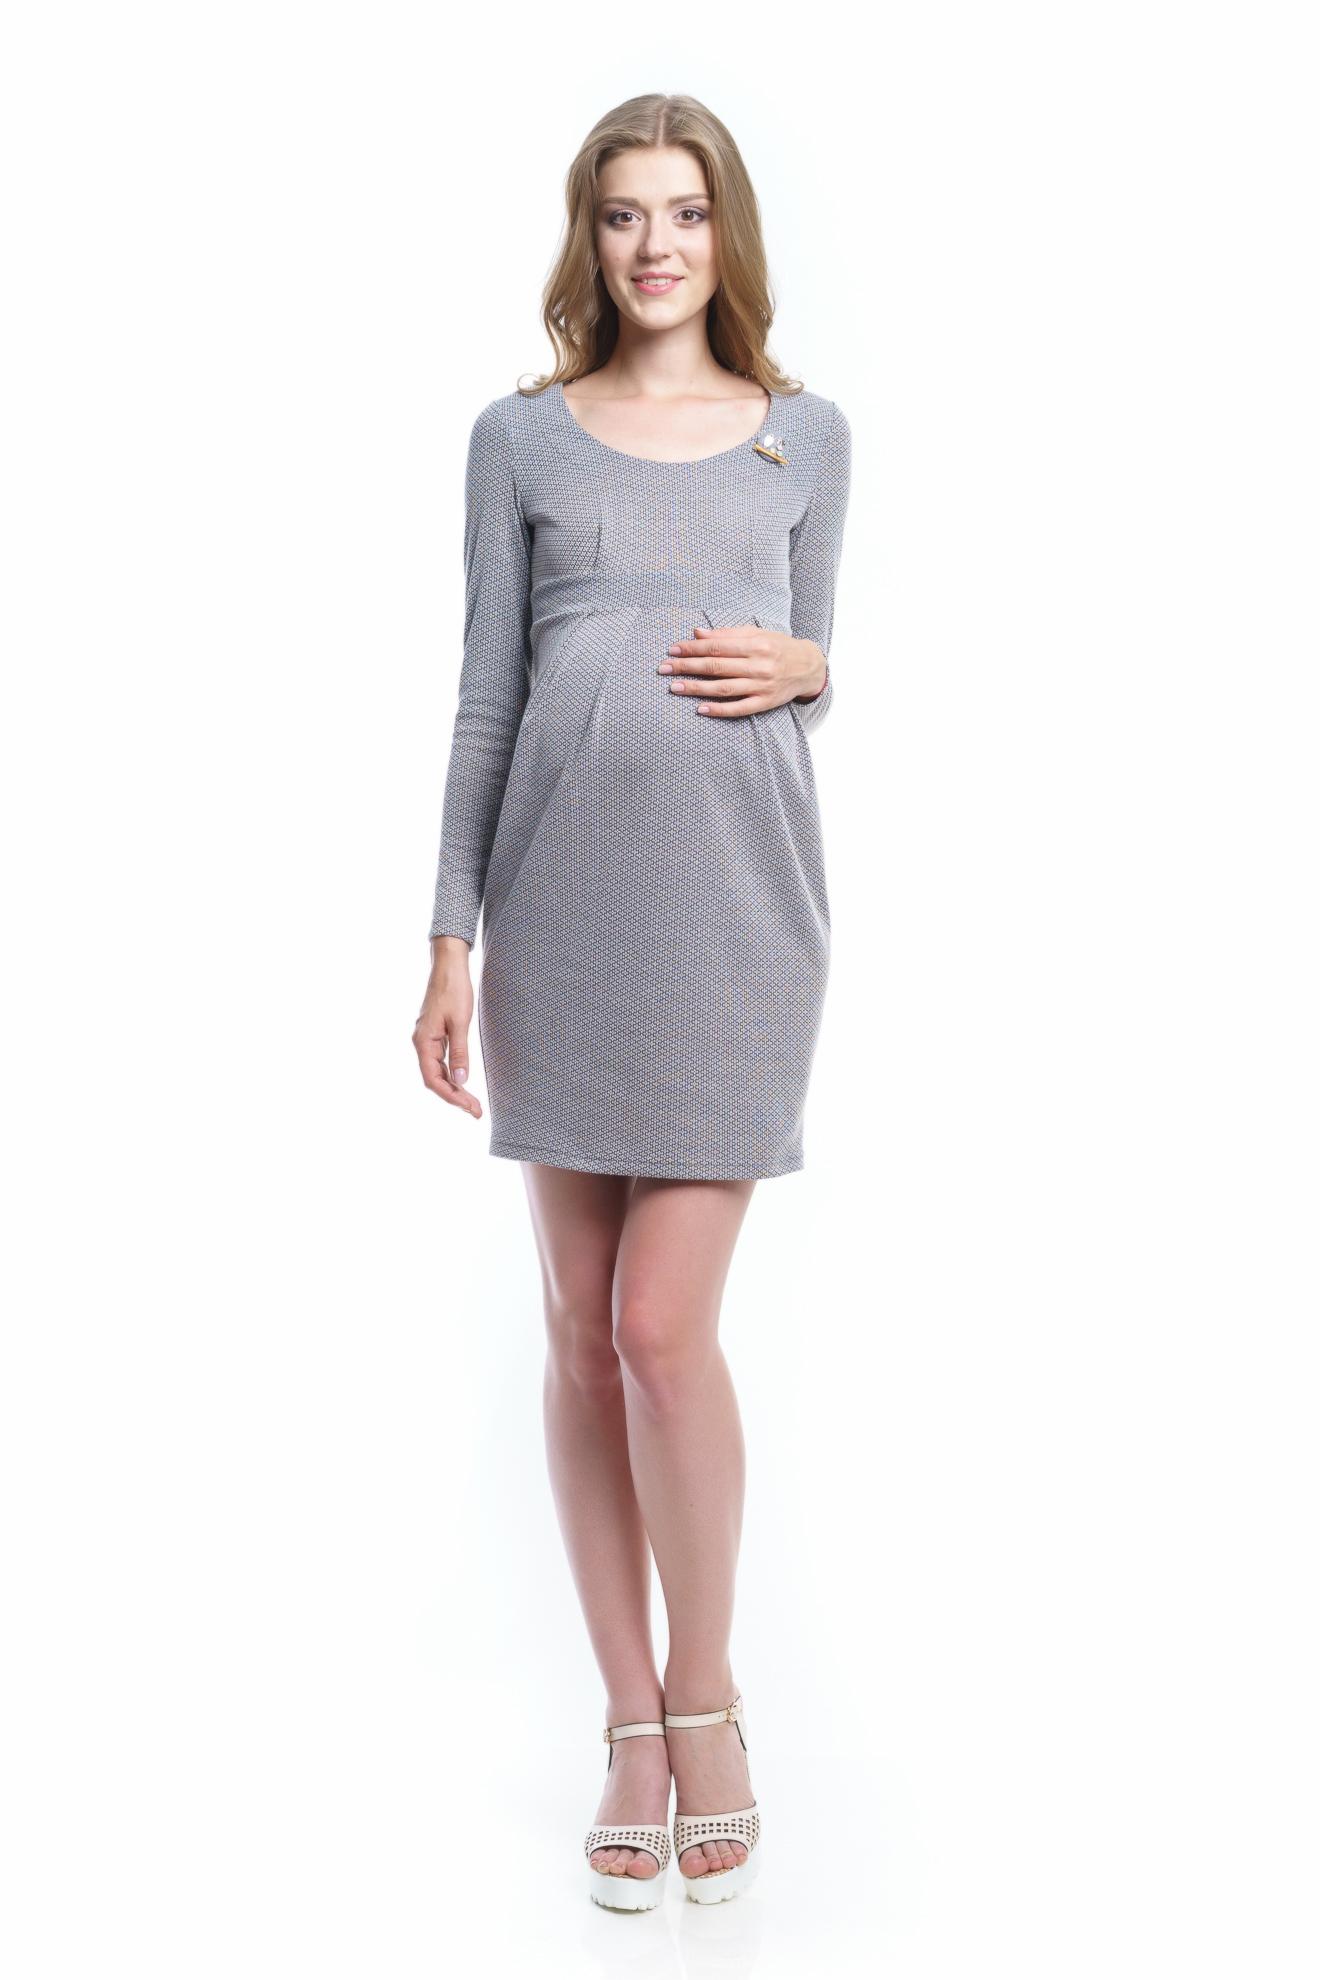 Платья для беременных и молодых мам   Рязань   Магазин Матьрёшка ea535682fd1